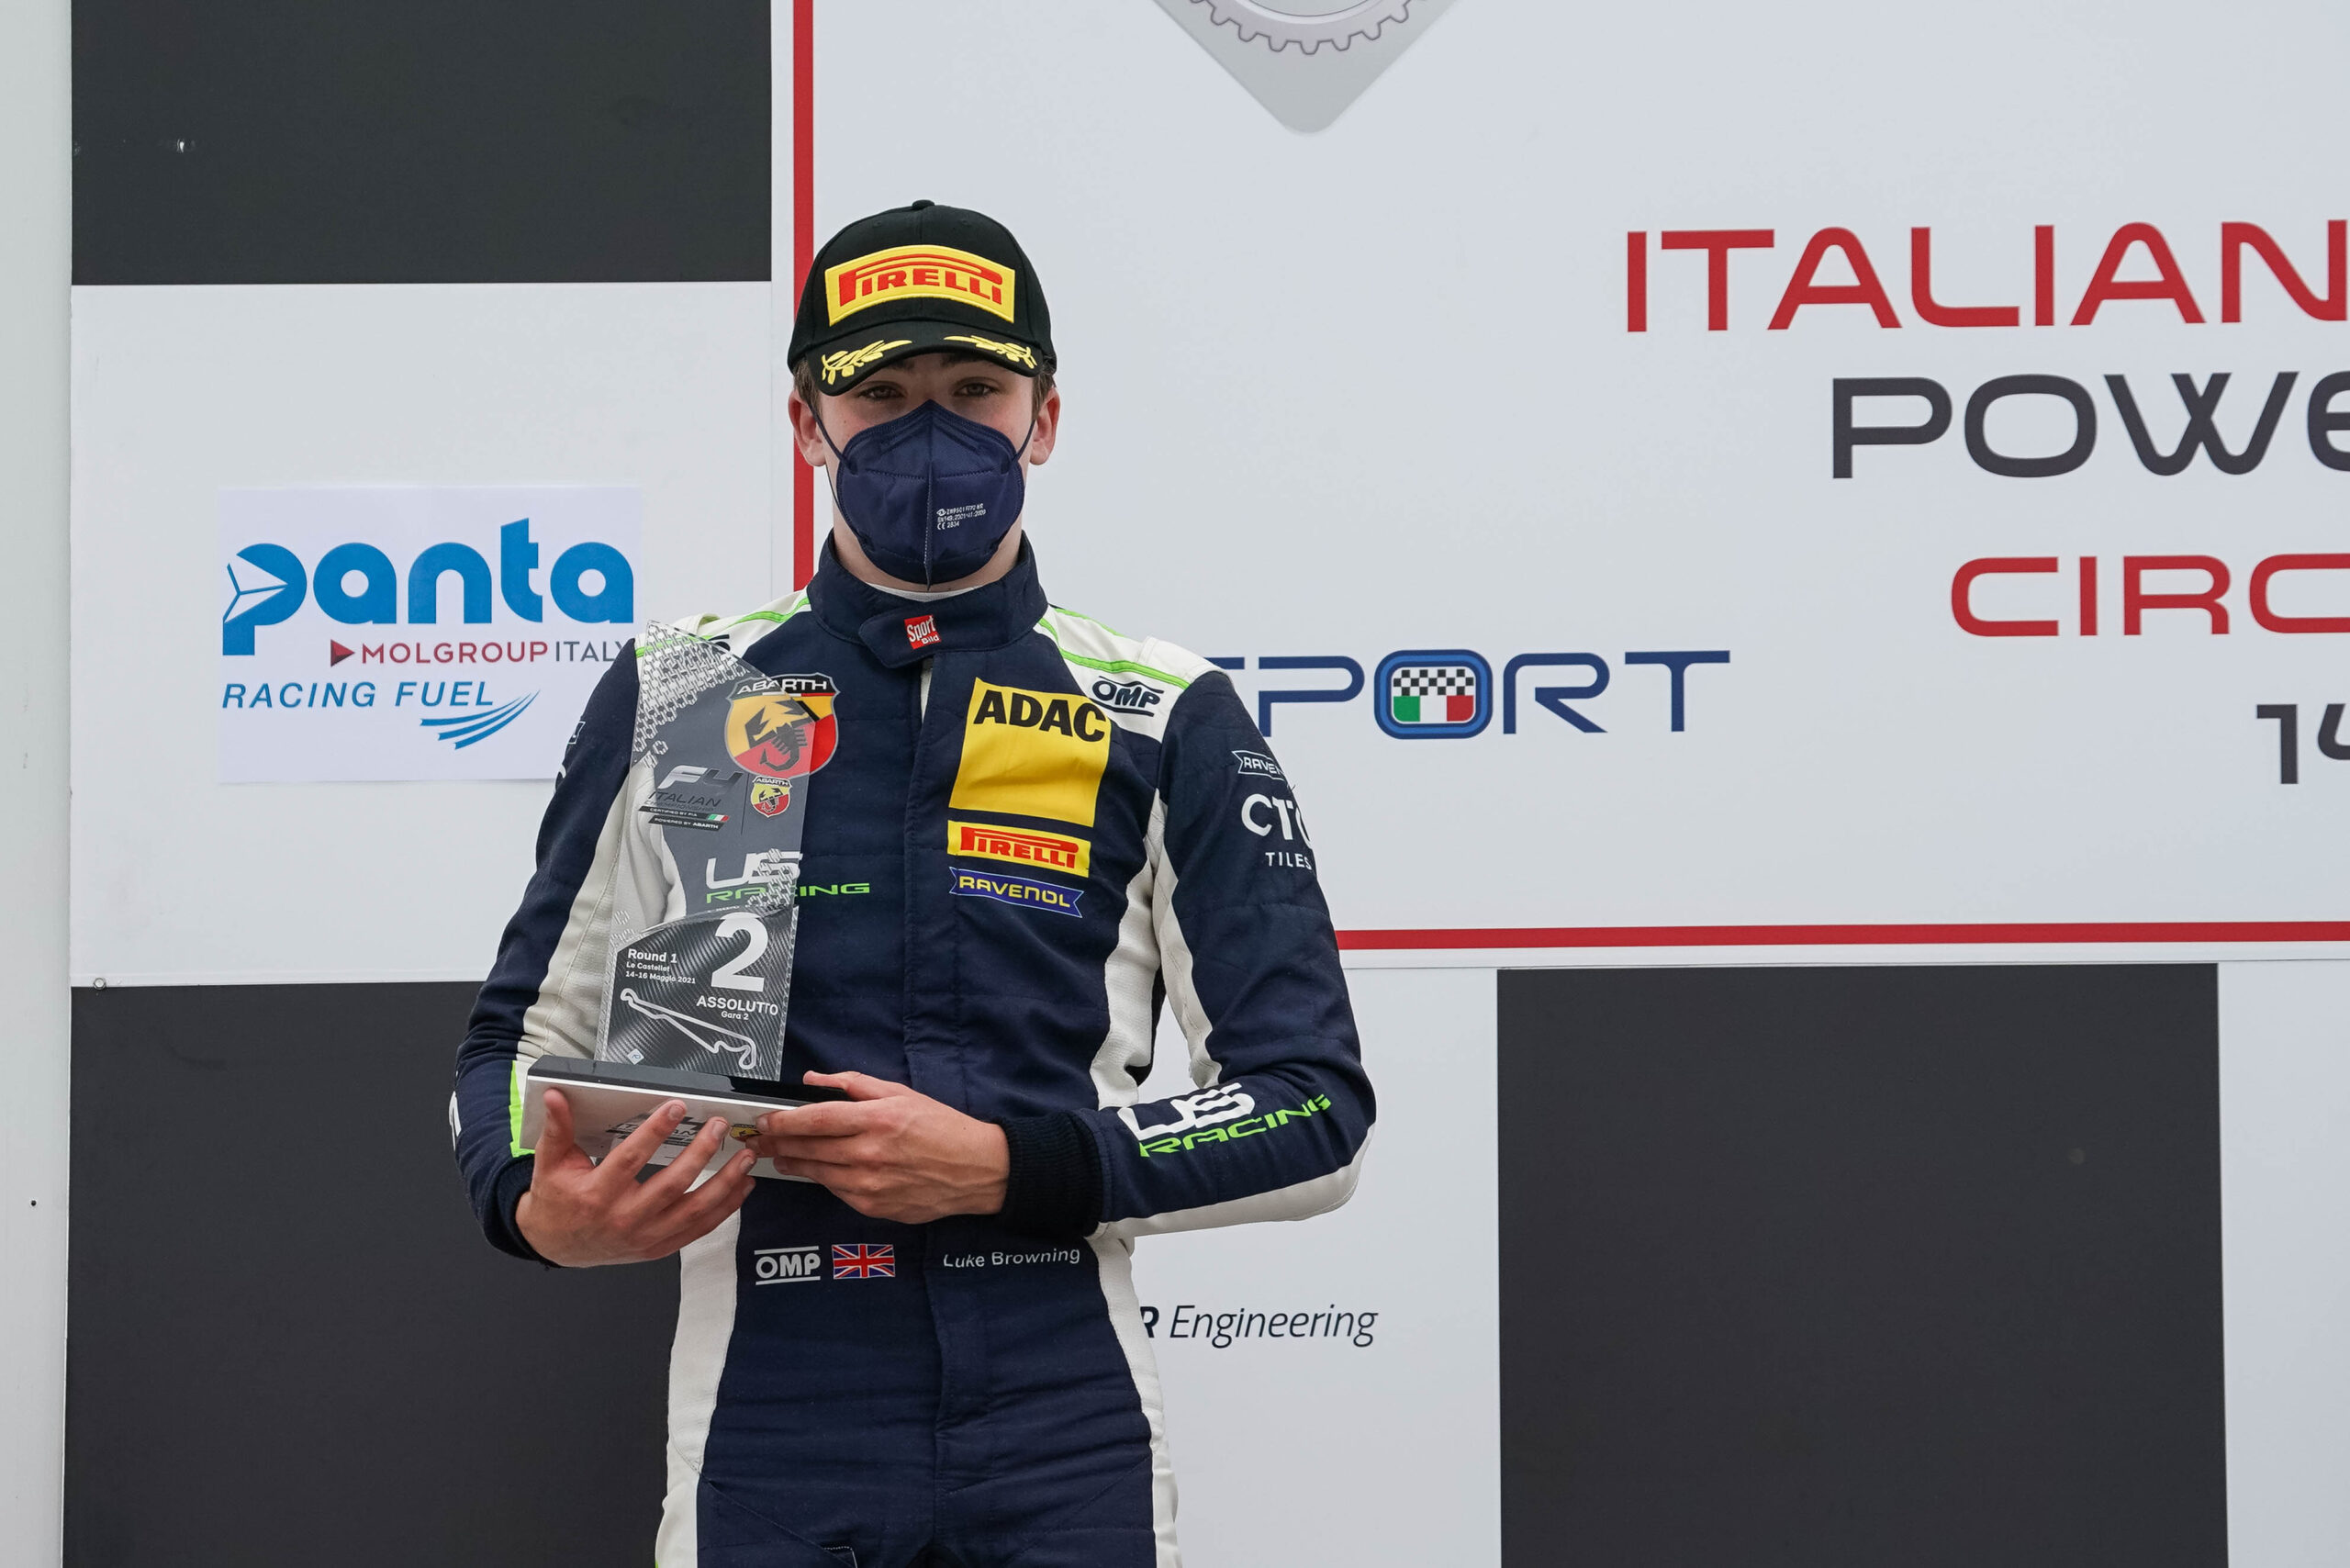 Luke Browning scores podium on European debut